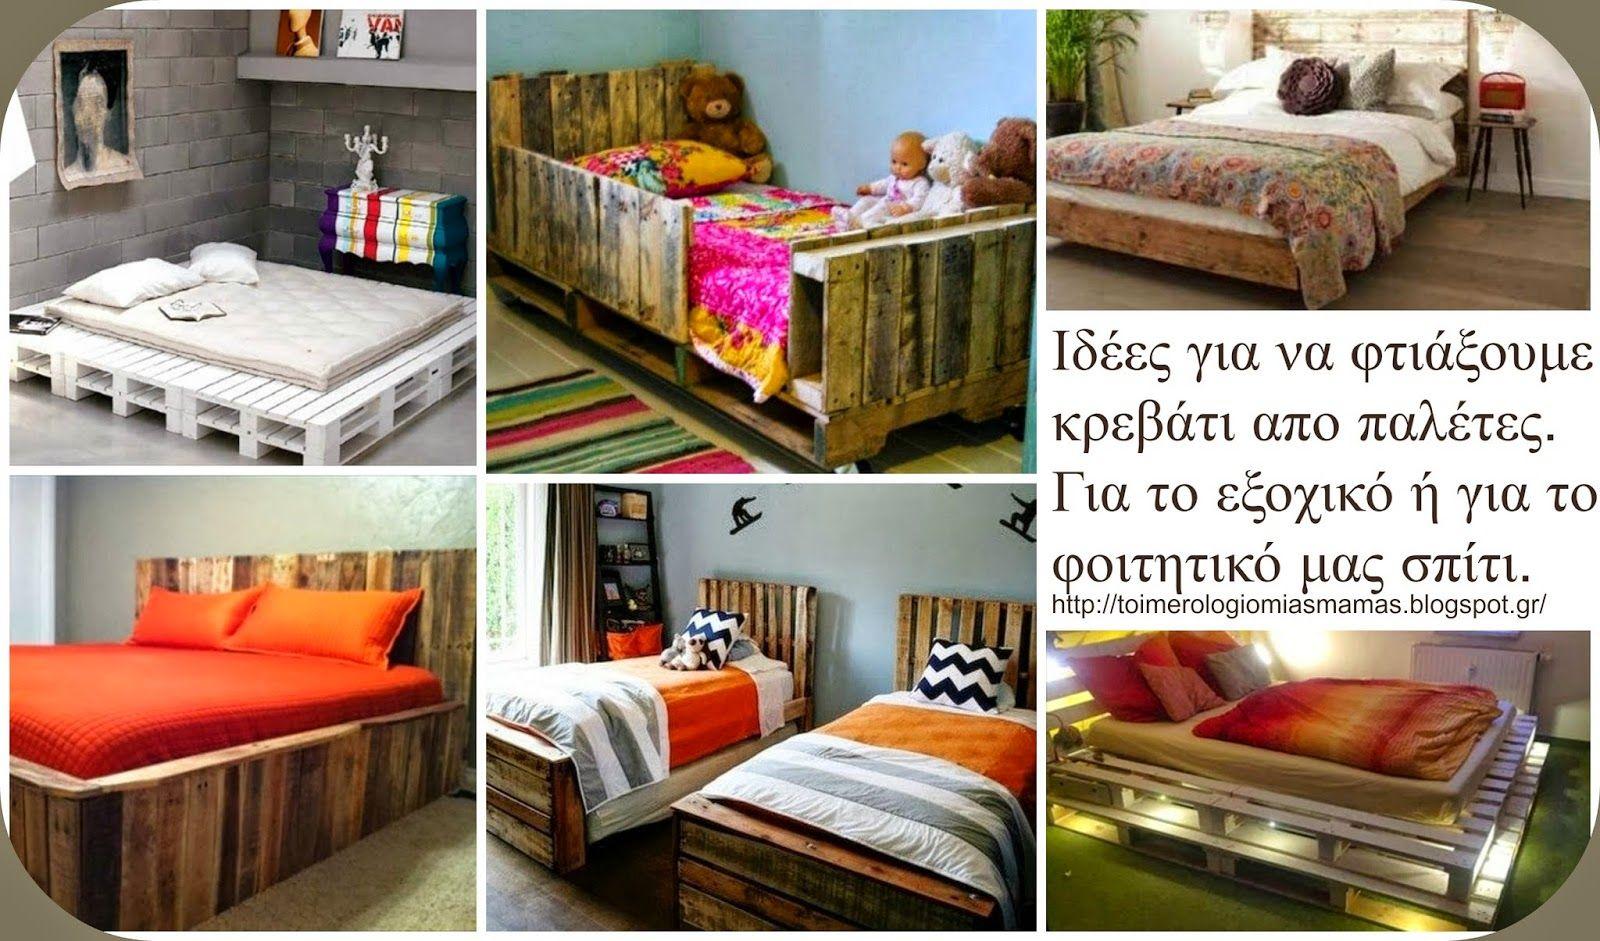 79a8ccbbb74d Ιδέες για να φτιάξουμε κρεβάτι απο παλέτες. Για το εξοχικό ή το φοιτητικό  μας σπίτι